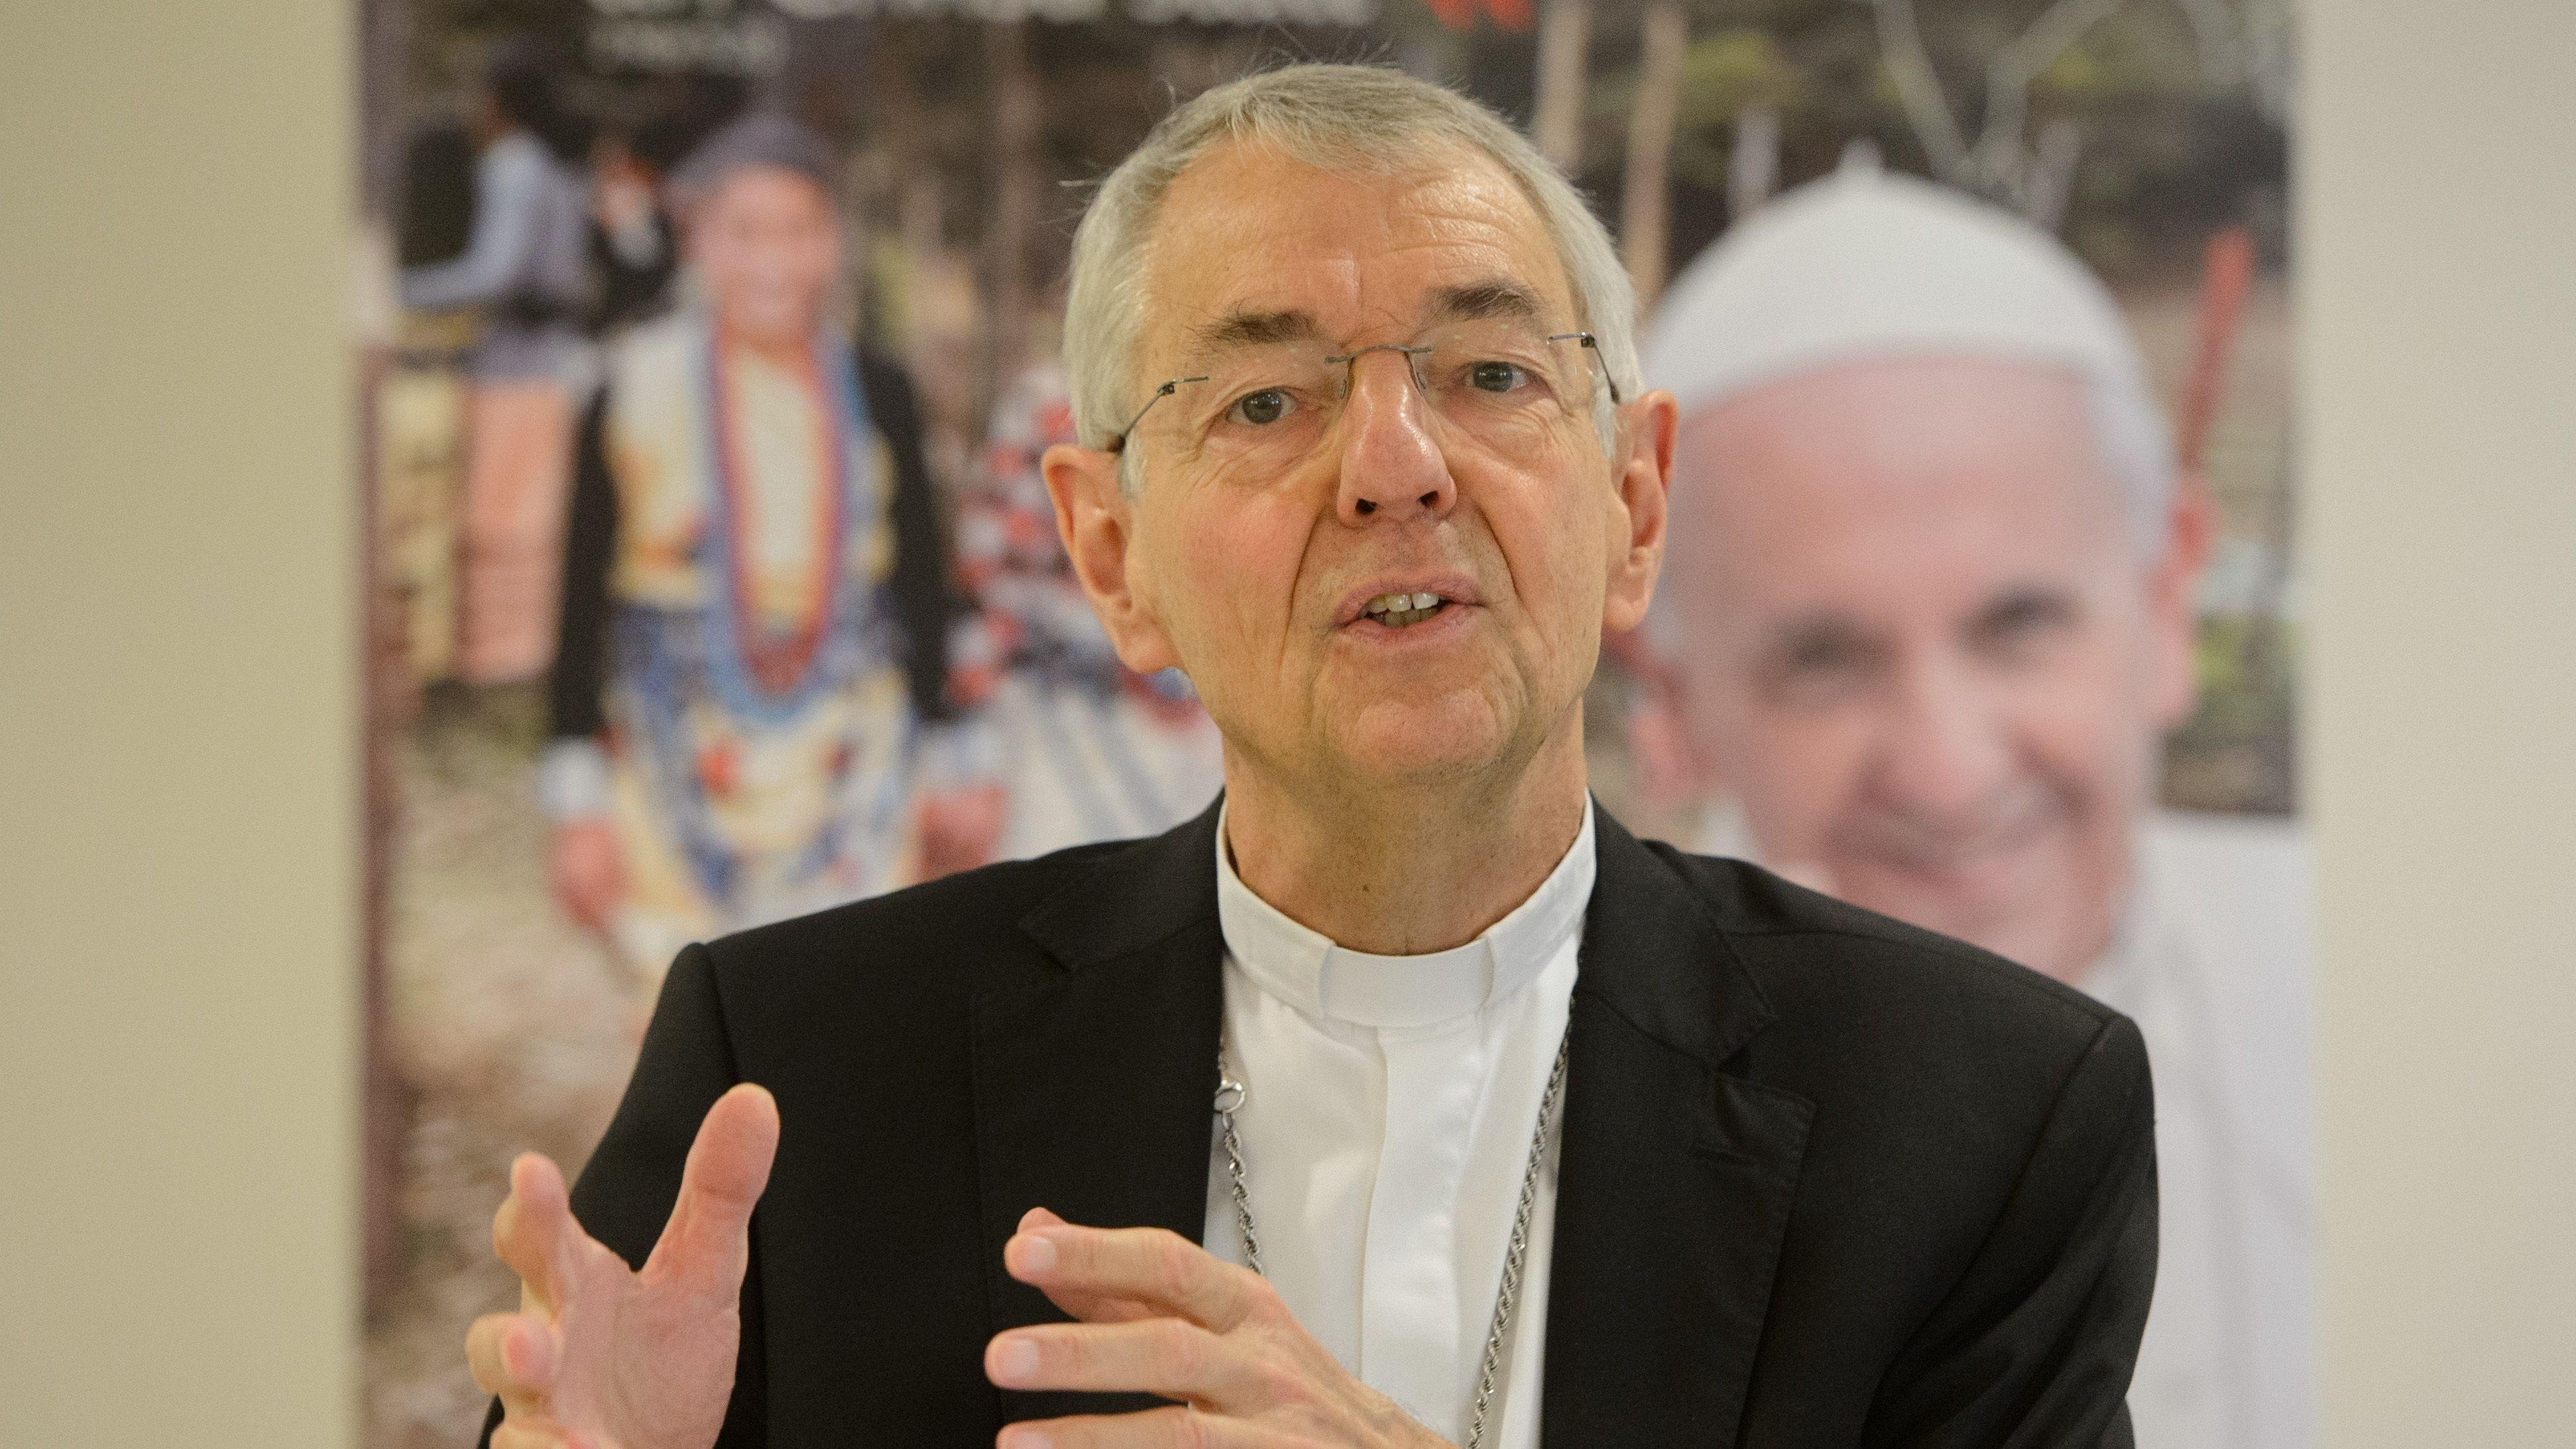 Der Erzbischof von Bamberg, Ludwig Schick, gestikuliert während einer Pressekonferenz